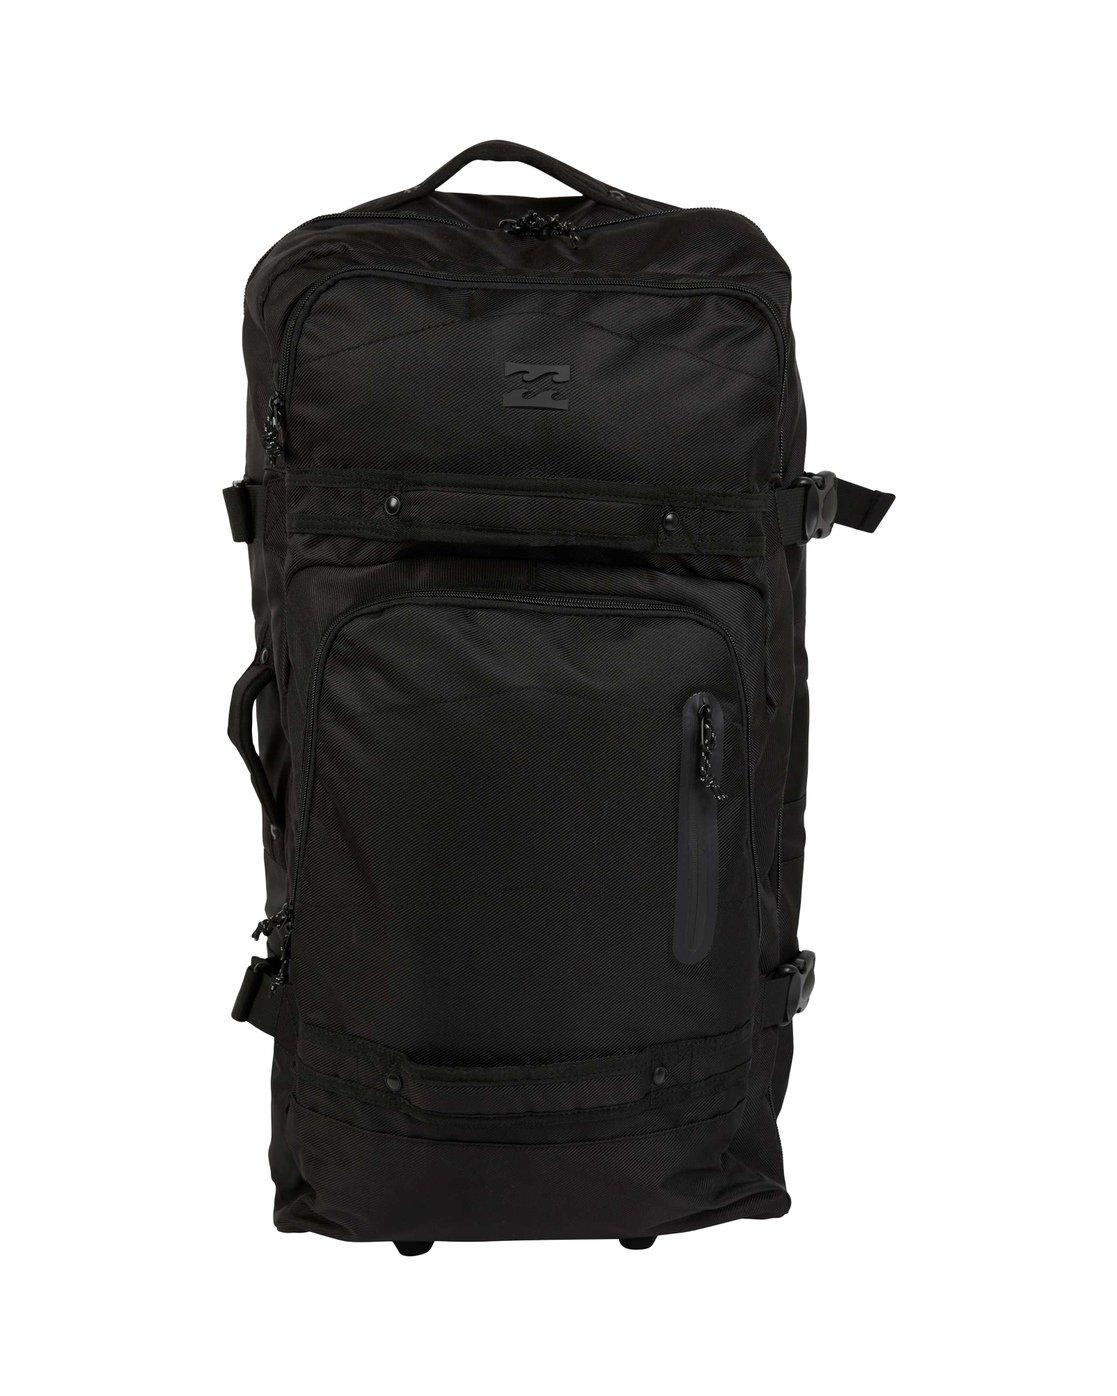 8846f70d1663 Booster 110L Travel Bag MATVQBBO | Billabong